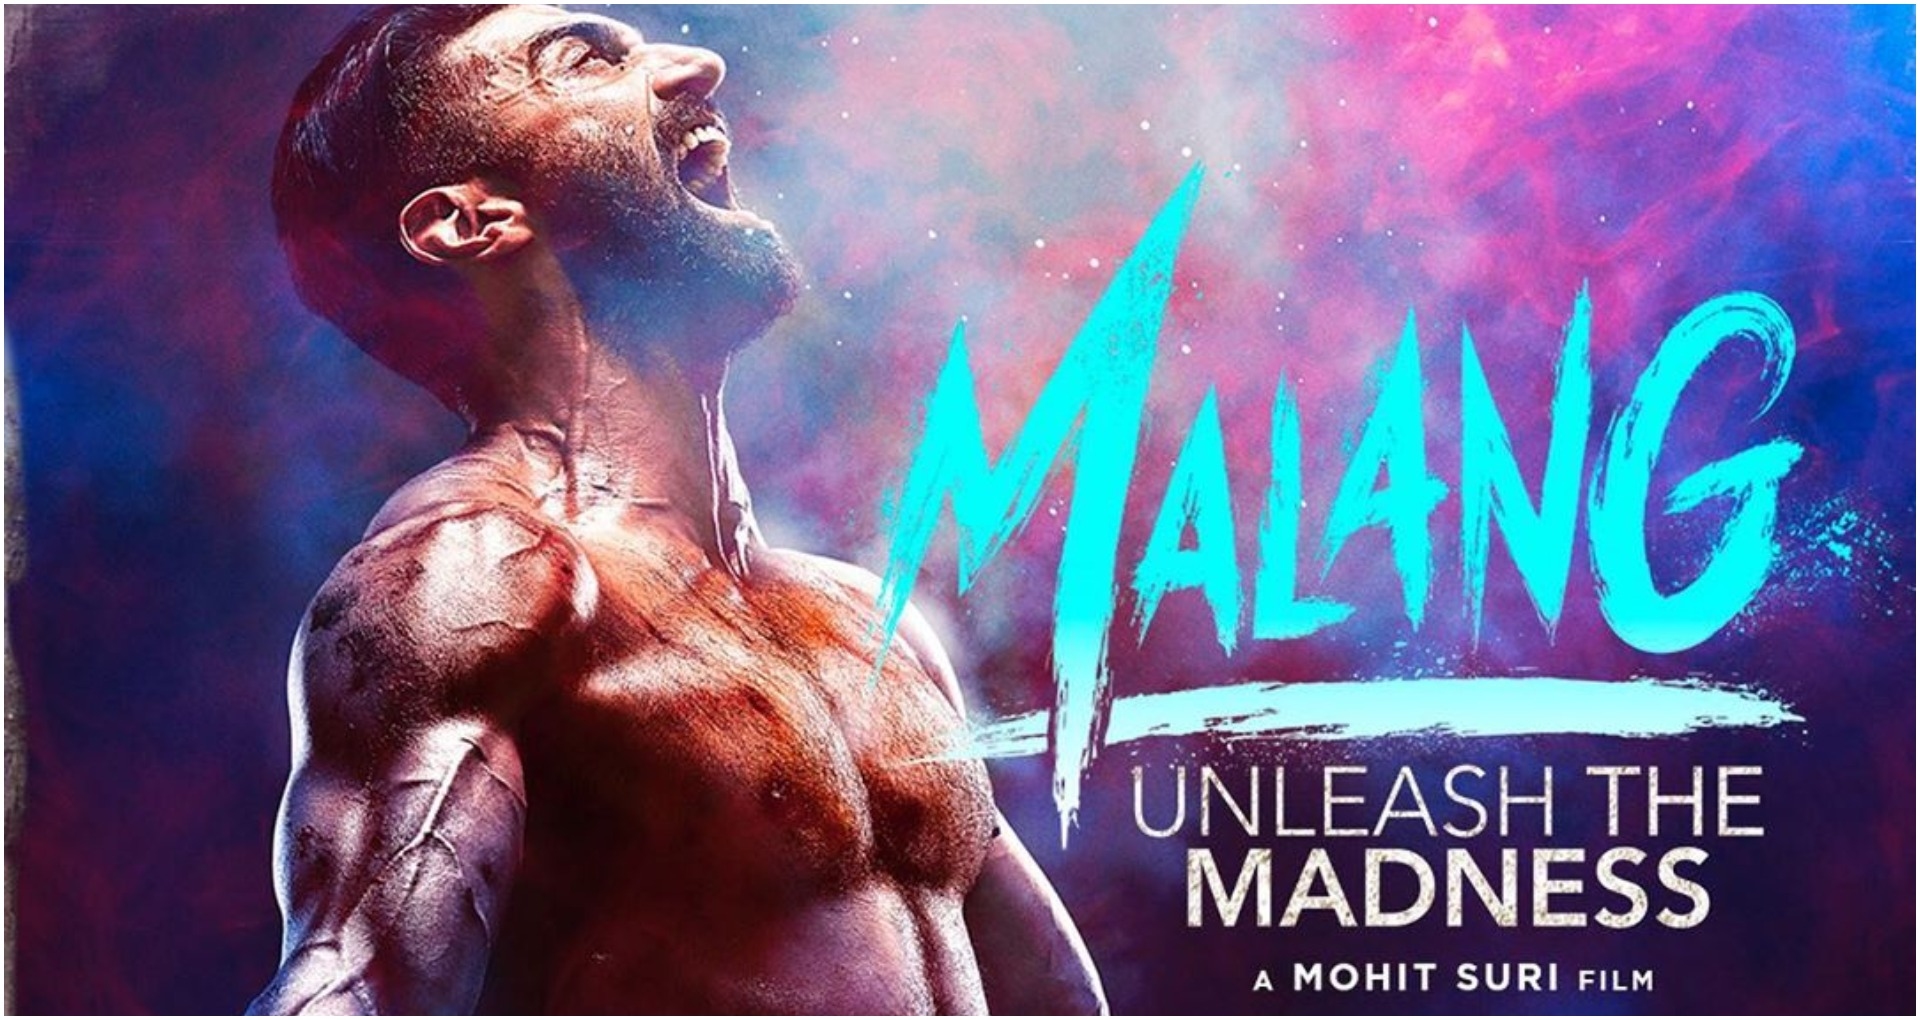 Malang Box Office Collection Day 4: दिशा पटानी और आदित्य रॉय कपूर की फिल्म मलंग ने चौथे दिन कमाए इतने करोड़